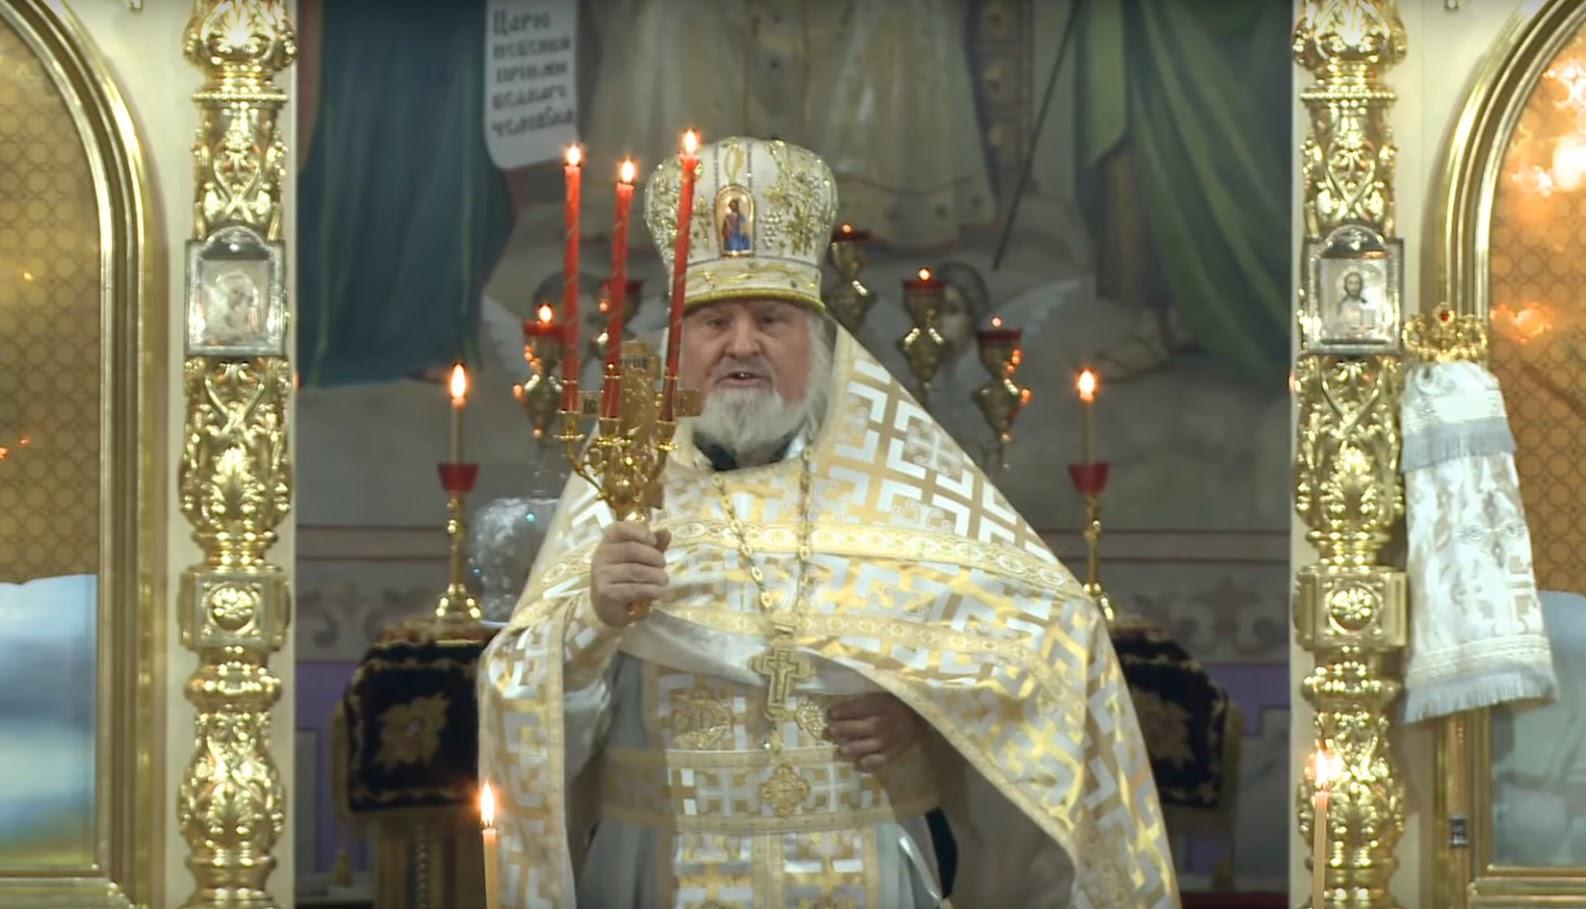 Отошел ко Господу духовник Комратского собора архимандрит Илиан (Бондарь)